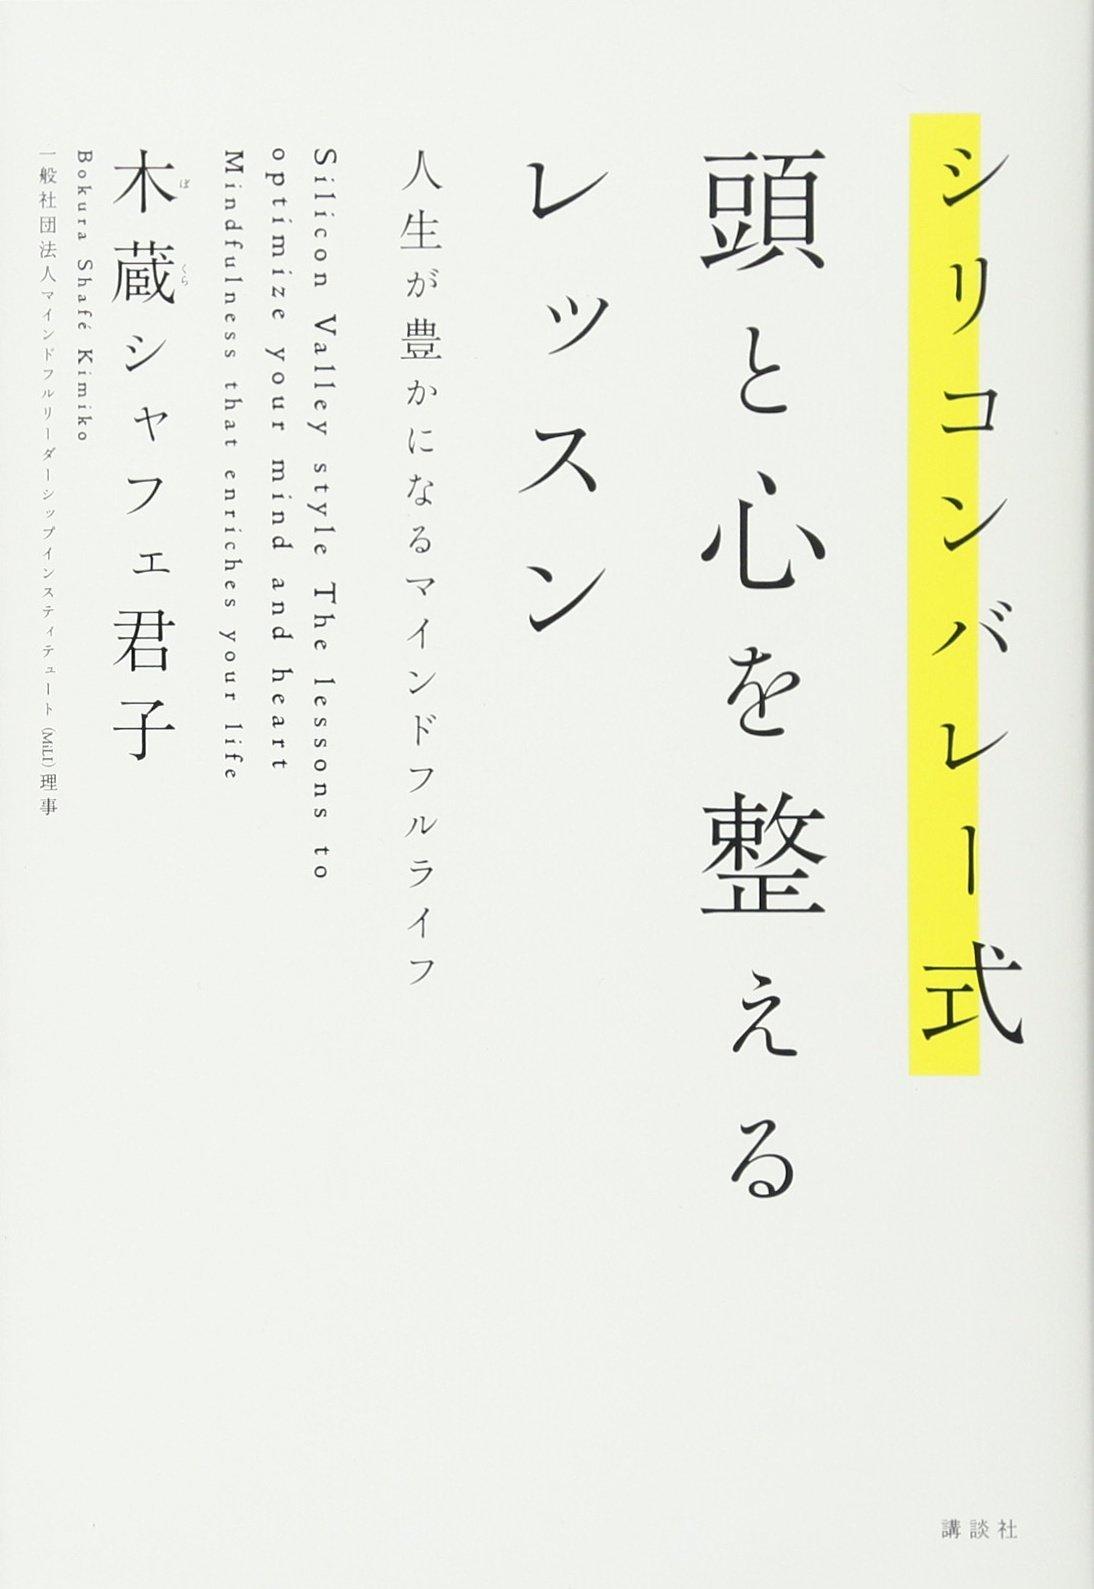 『シリコンバレー式 頭と心を整えるレッスン 人生が豊かになるマインドフルライフ』 木蔵シャフェ君子 (著)